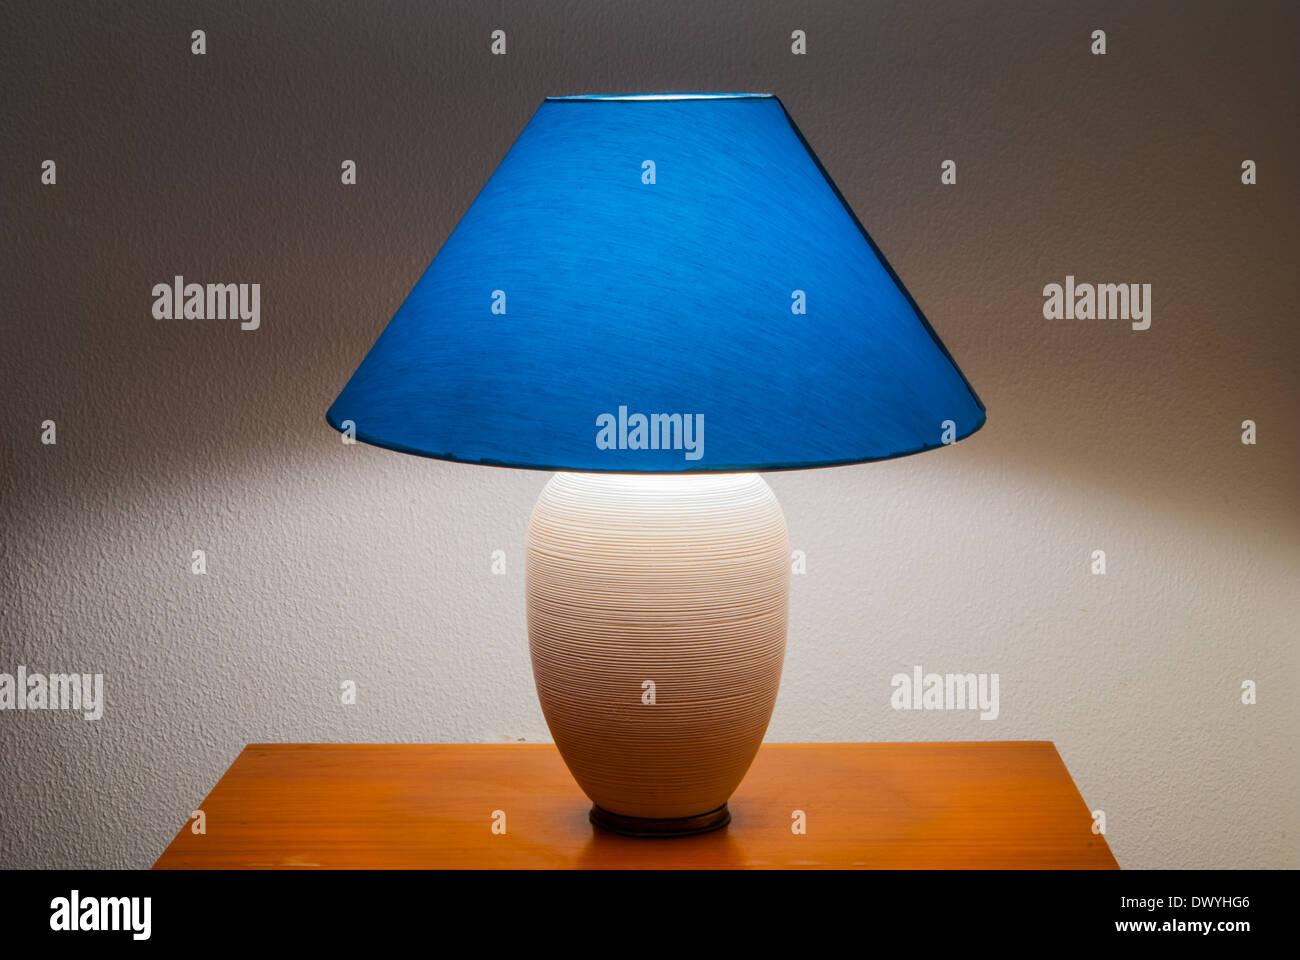 nachttisch mit licht best flamp leicht zu bewegen ein licht referenz with nachttisch mit licht. Black Bedroom Furniture Sets. Home Design Ideas